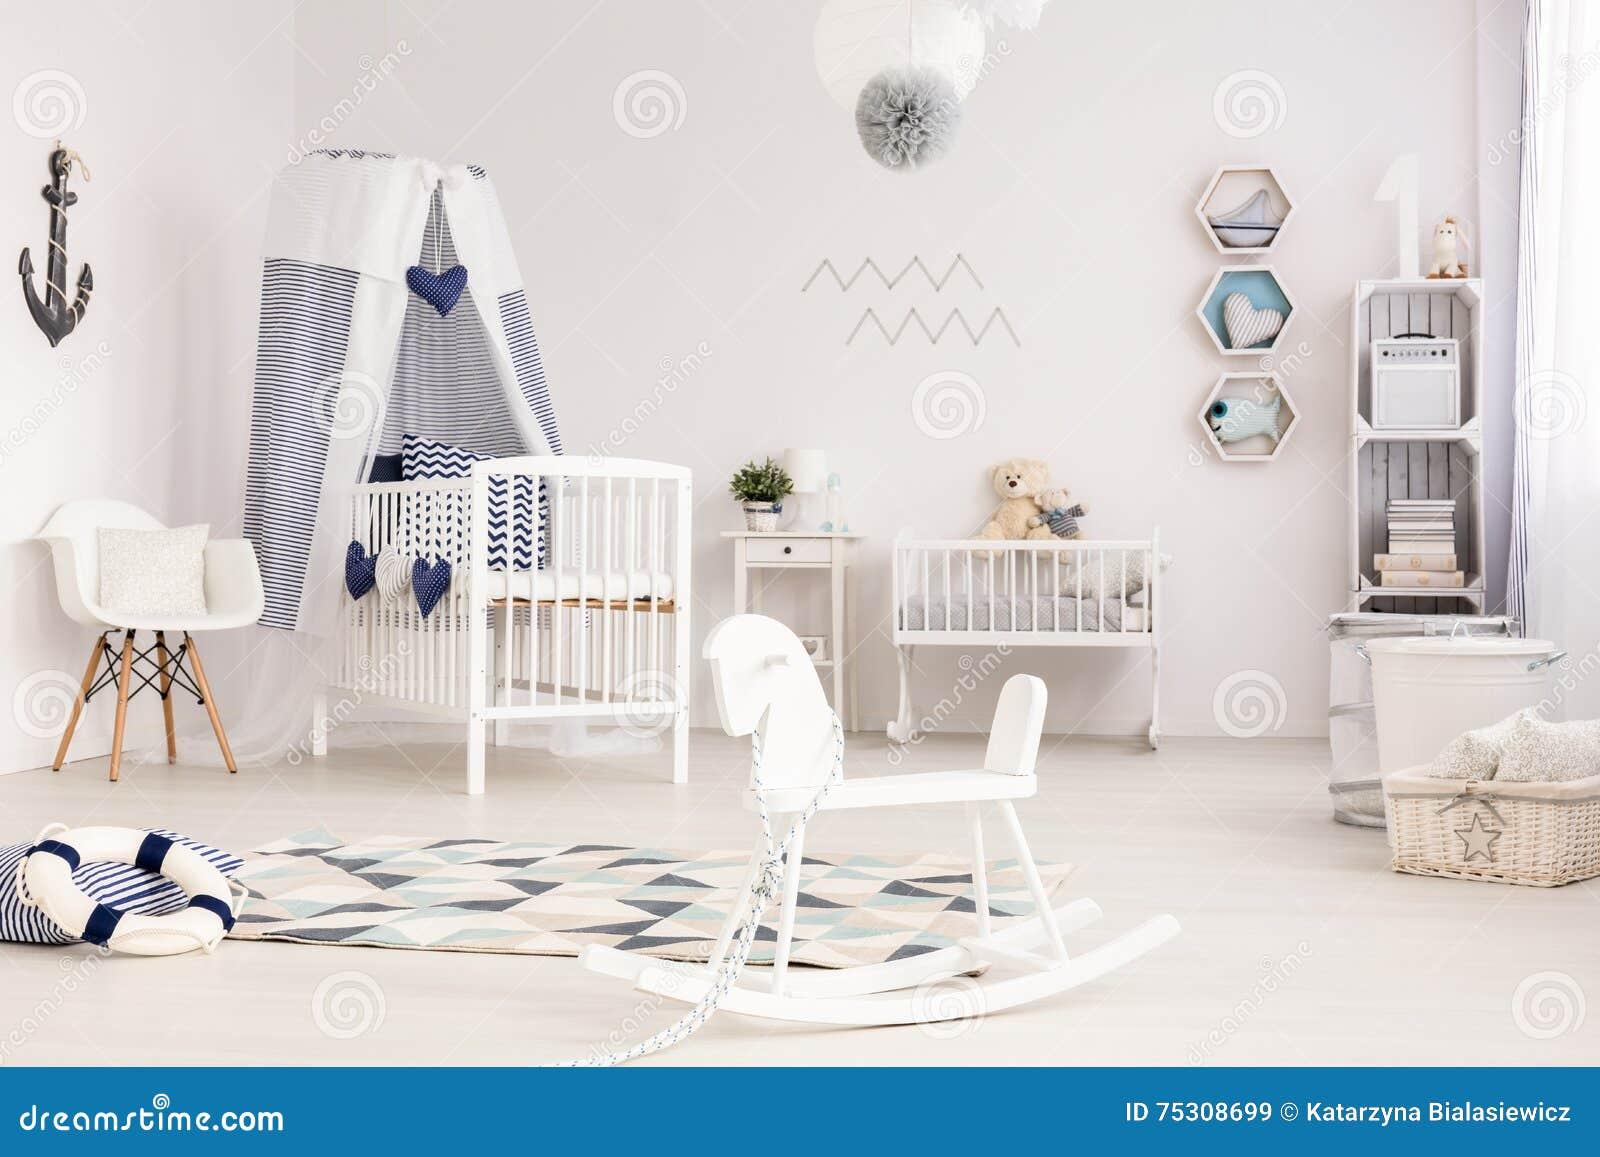 Pièce infantile idyllique prête à accueillir son premier occupant